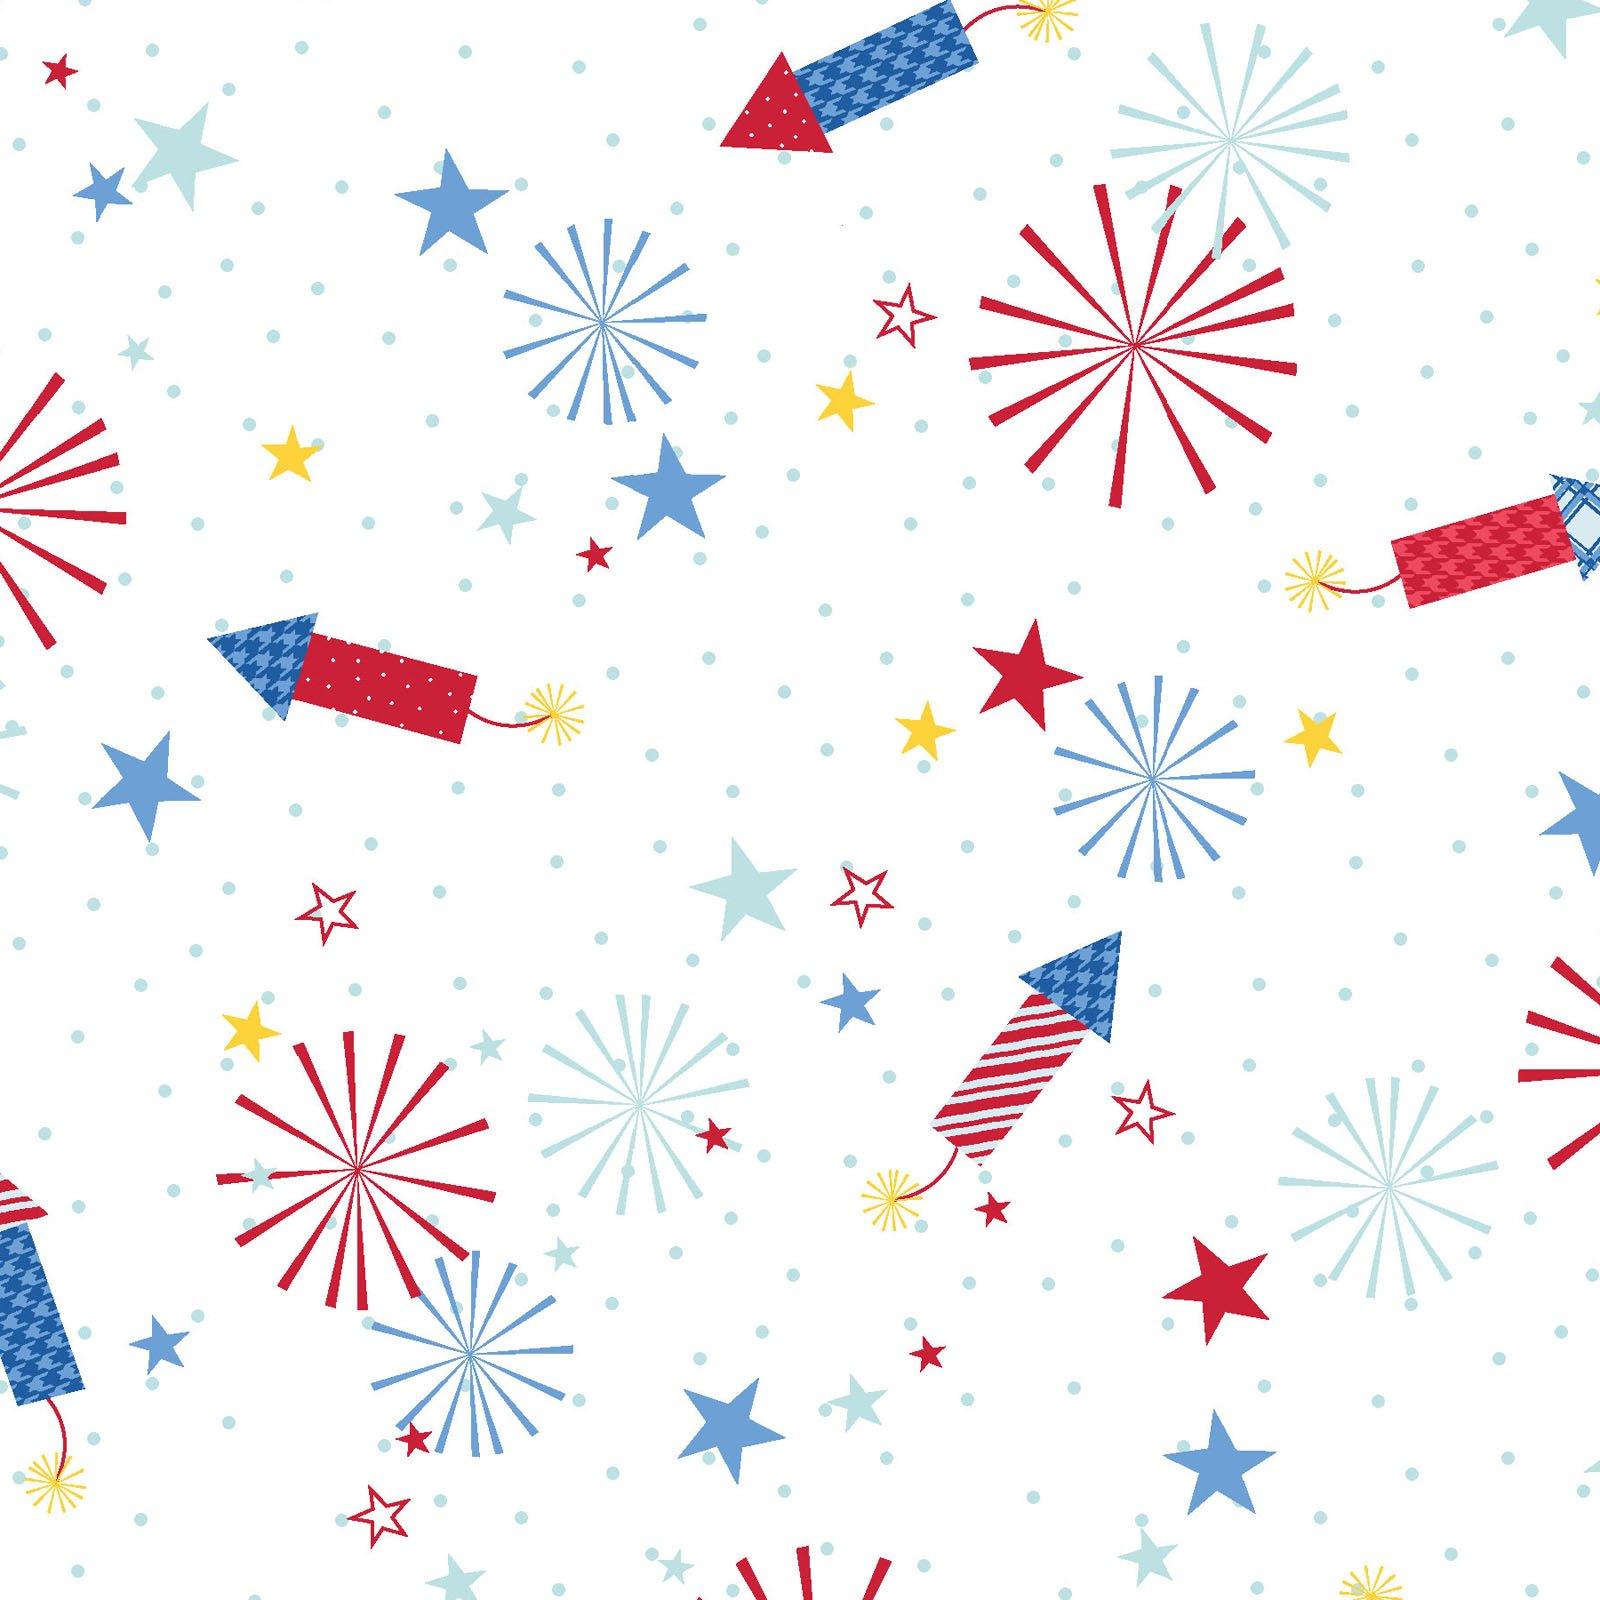 Fireworks White- Red, White & Bloom